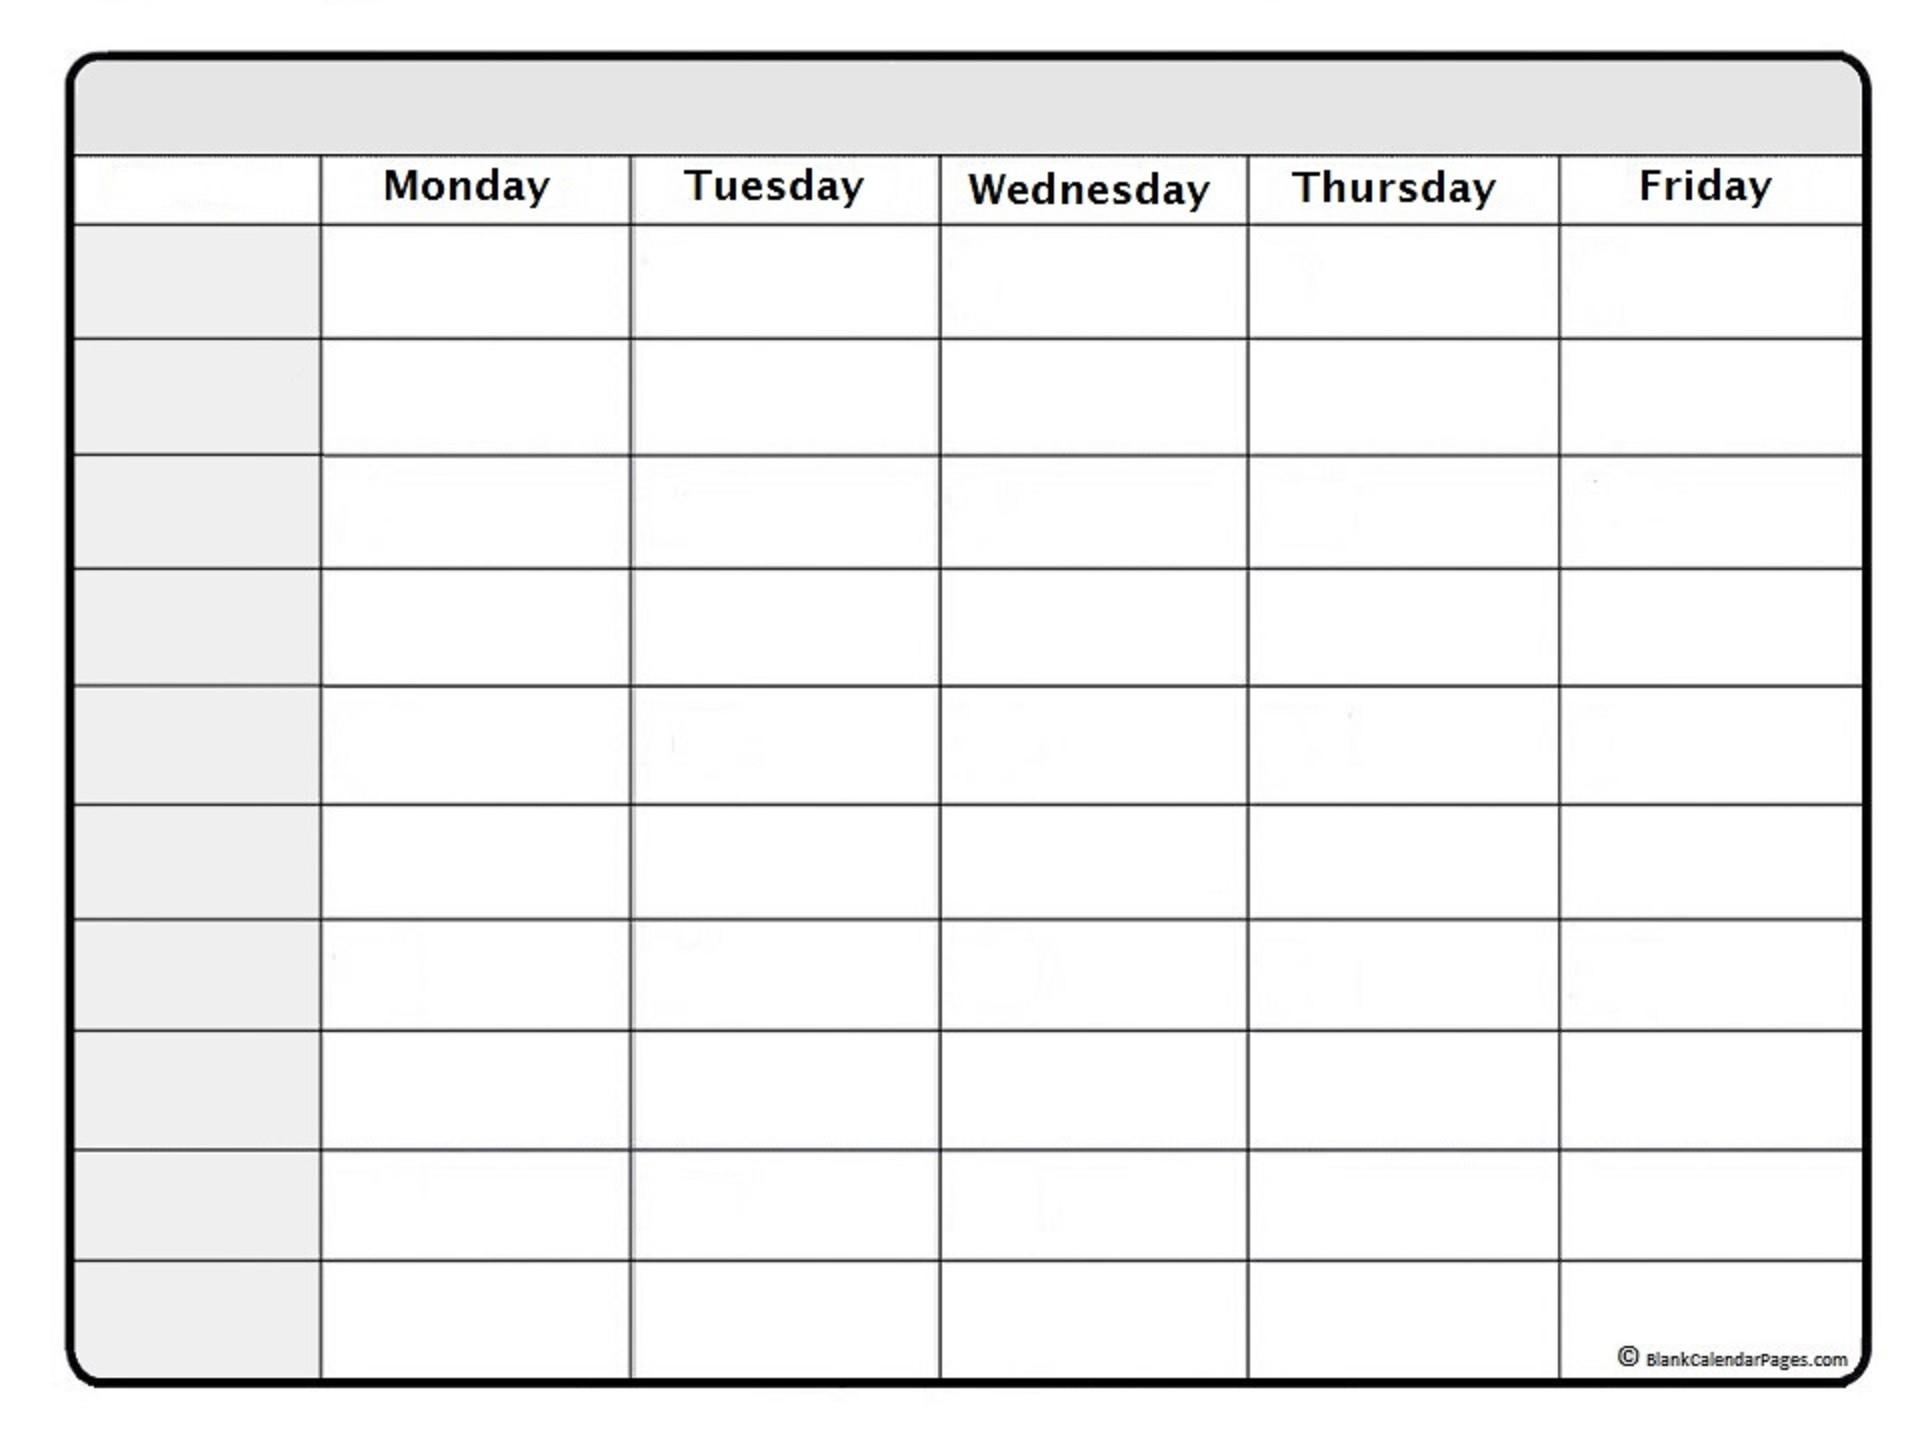 December 2020 Weekly Calendar | December 2020 Weekly  2020 Weekly Calendar